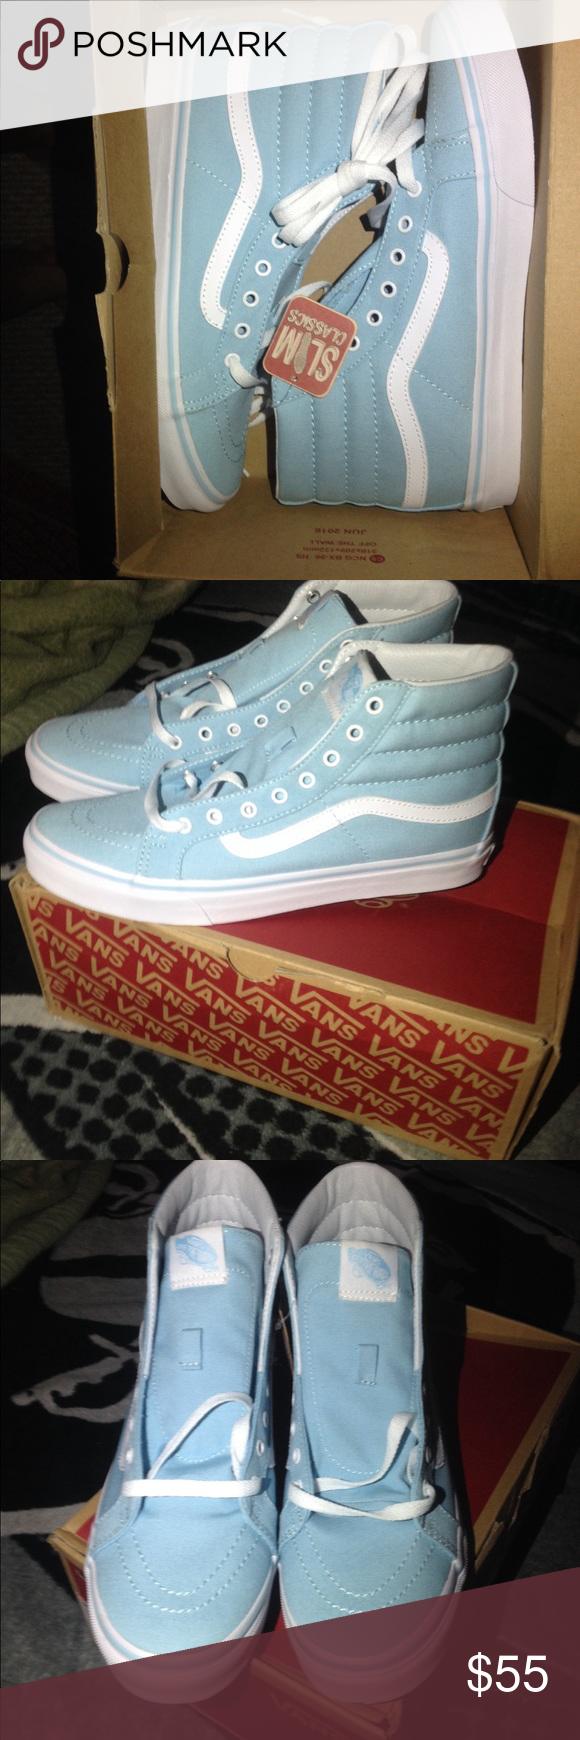 84ee90555a Vans shoes size 8.5 men s Authentic SK8-HI SLIM CRYSTAL BLUE   TRUE WHITE  SIZE 8.5 men s Vans Shoes Sneakers